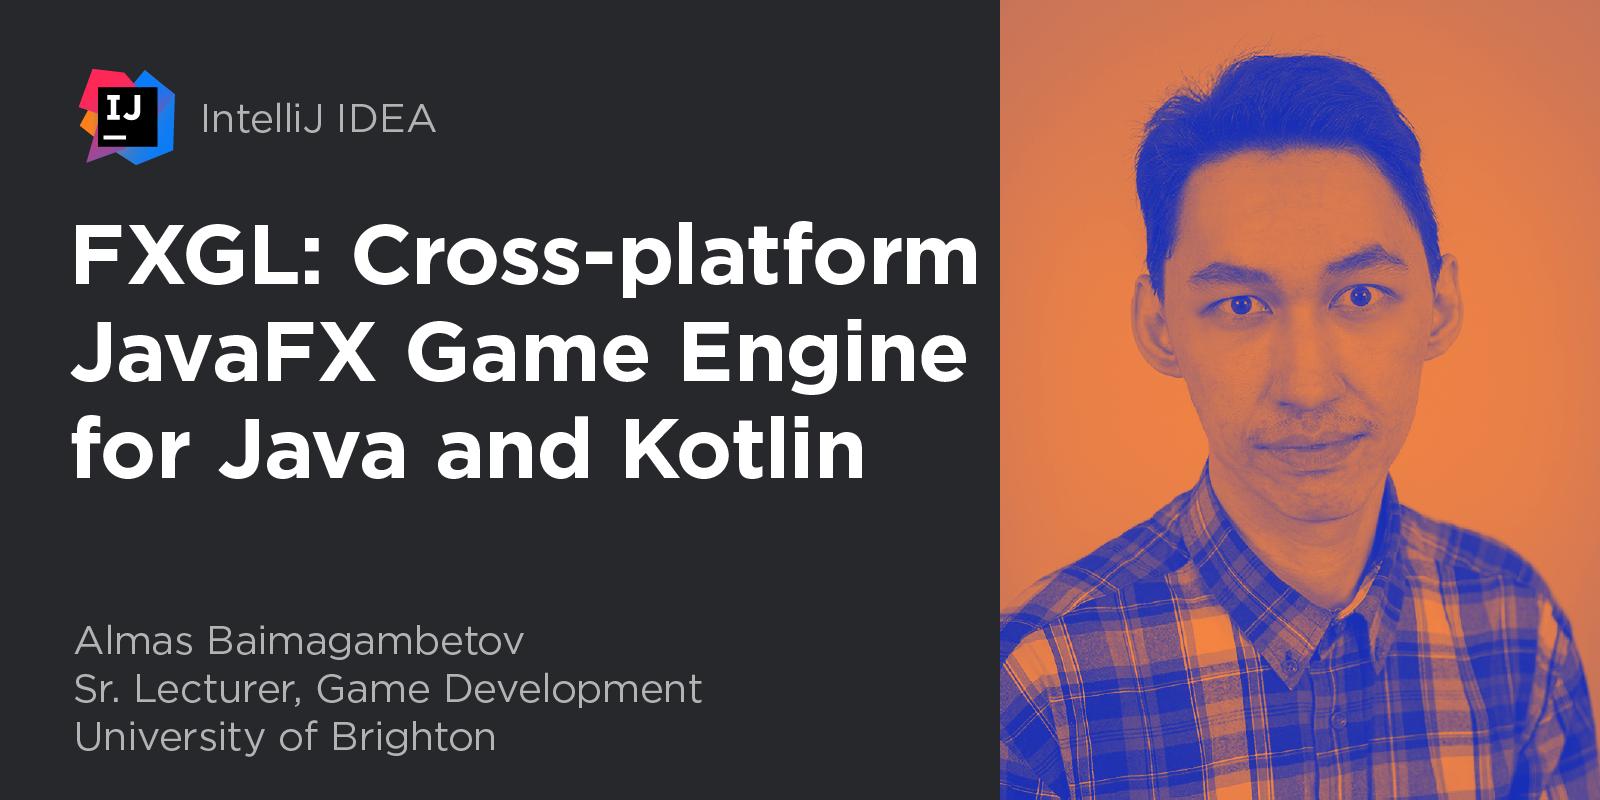 FXGL: Cross-platform JavaFX Game Engine for Java and Kotlin